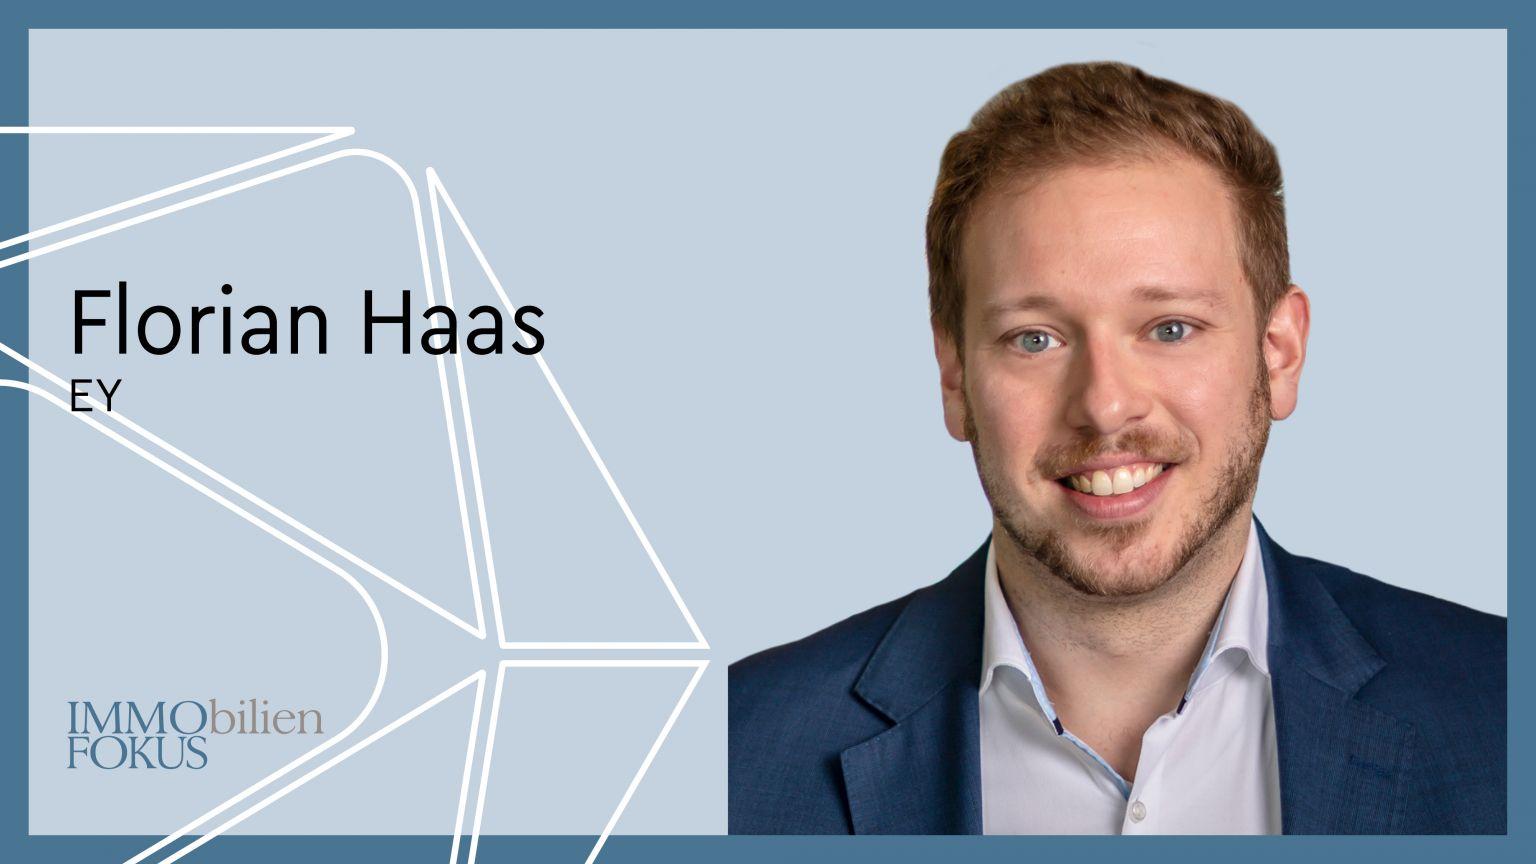 Florian Haas übernimmt die Leitung des EY-Start-up-Ökosystems